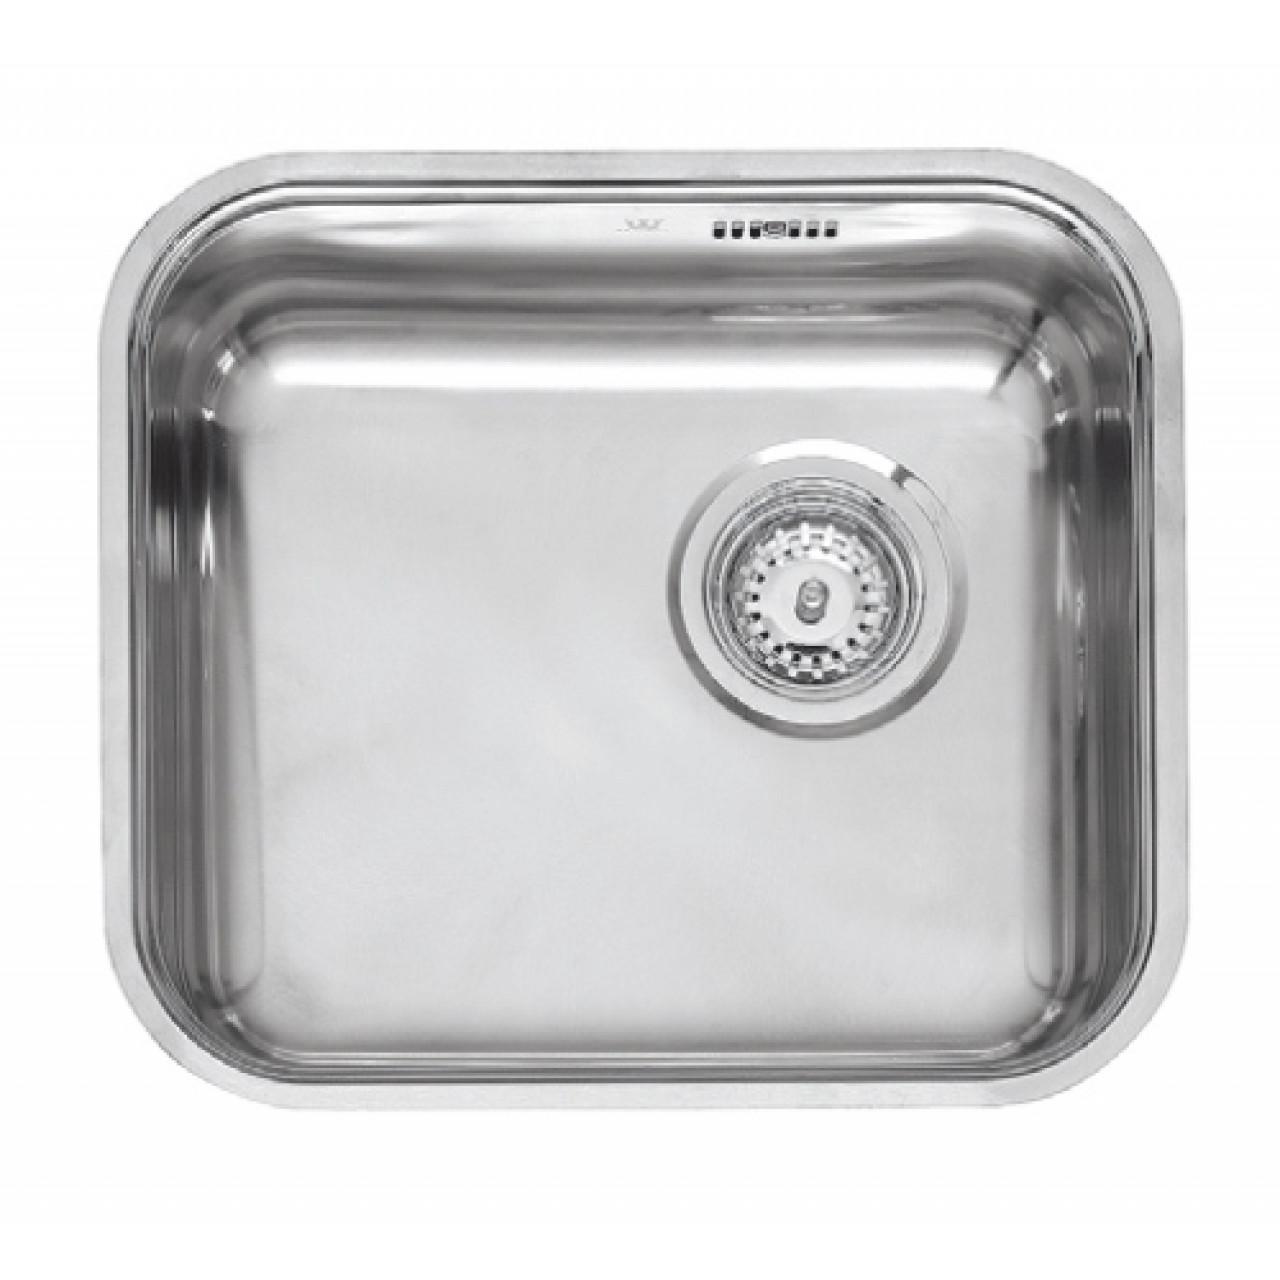 Кухонная мойка Reginox L18 4035 LUX OKG 39701 купить в Москве по цене от 8360р. в интернет-магазине mebel-v-vannu.ru